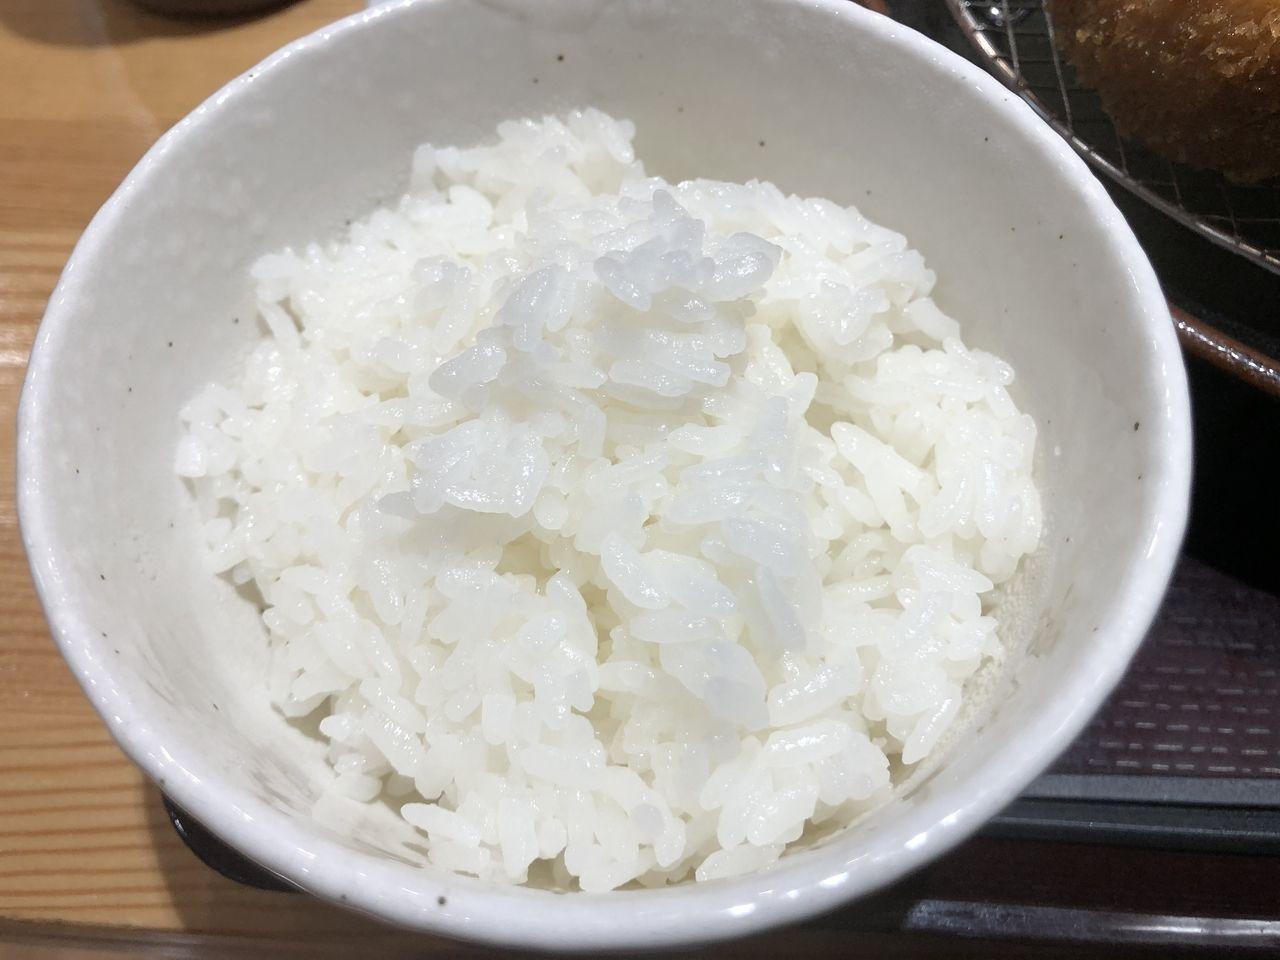 鹿児島市樋之口町のぎゅう太の白ご飯。炭水化物も食べて元気がでます。